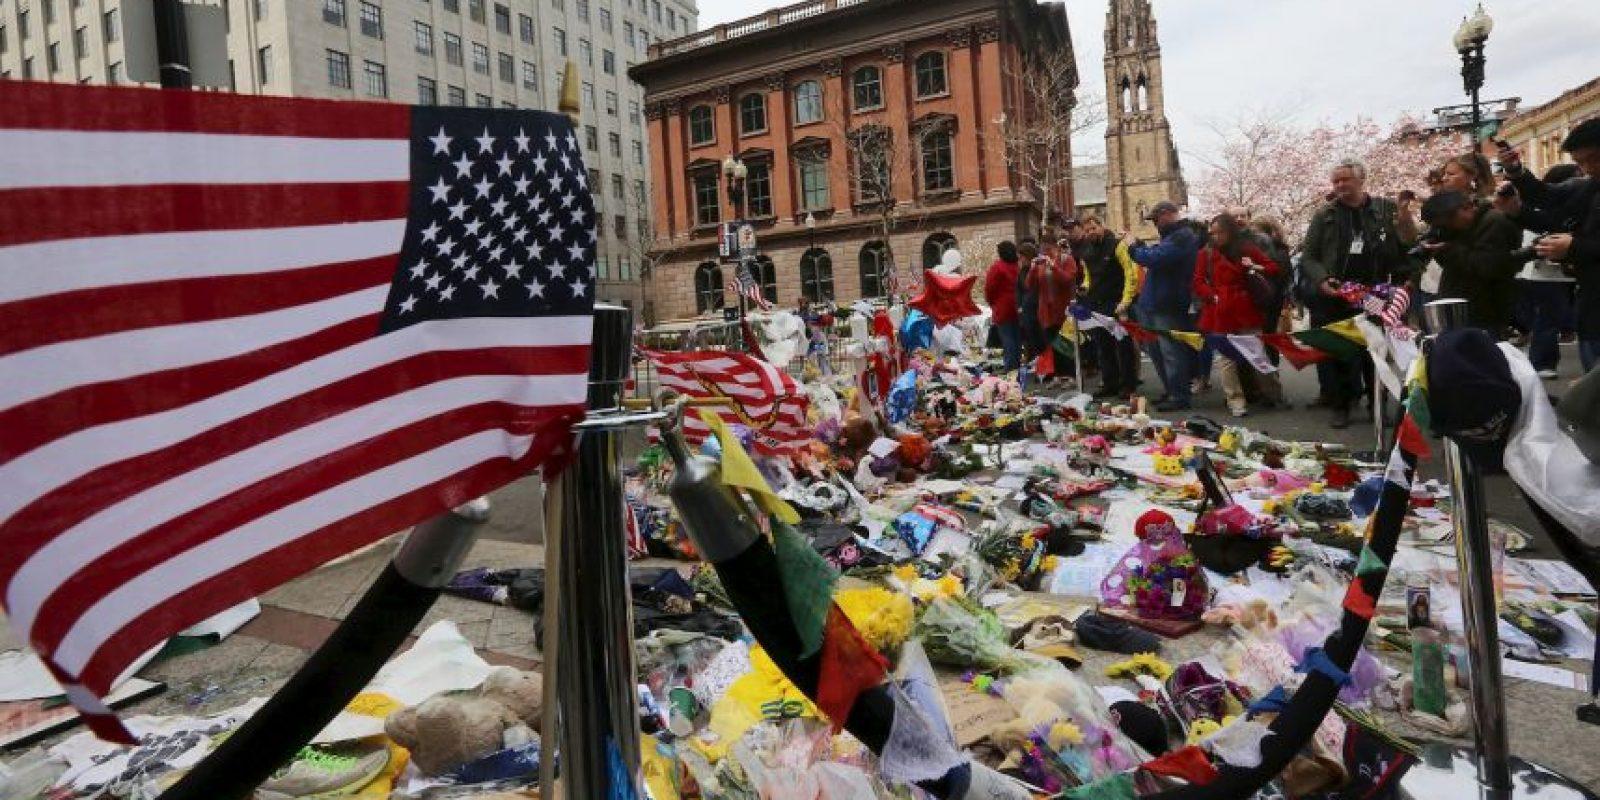 De acuerdo con el sobreviviente, los motivos del ataque fueron religiosos.